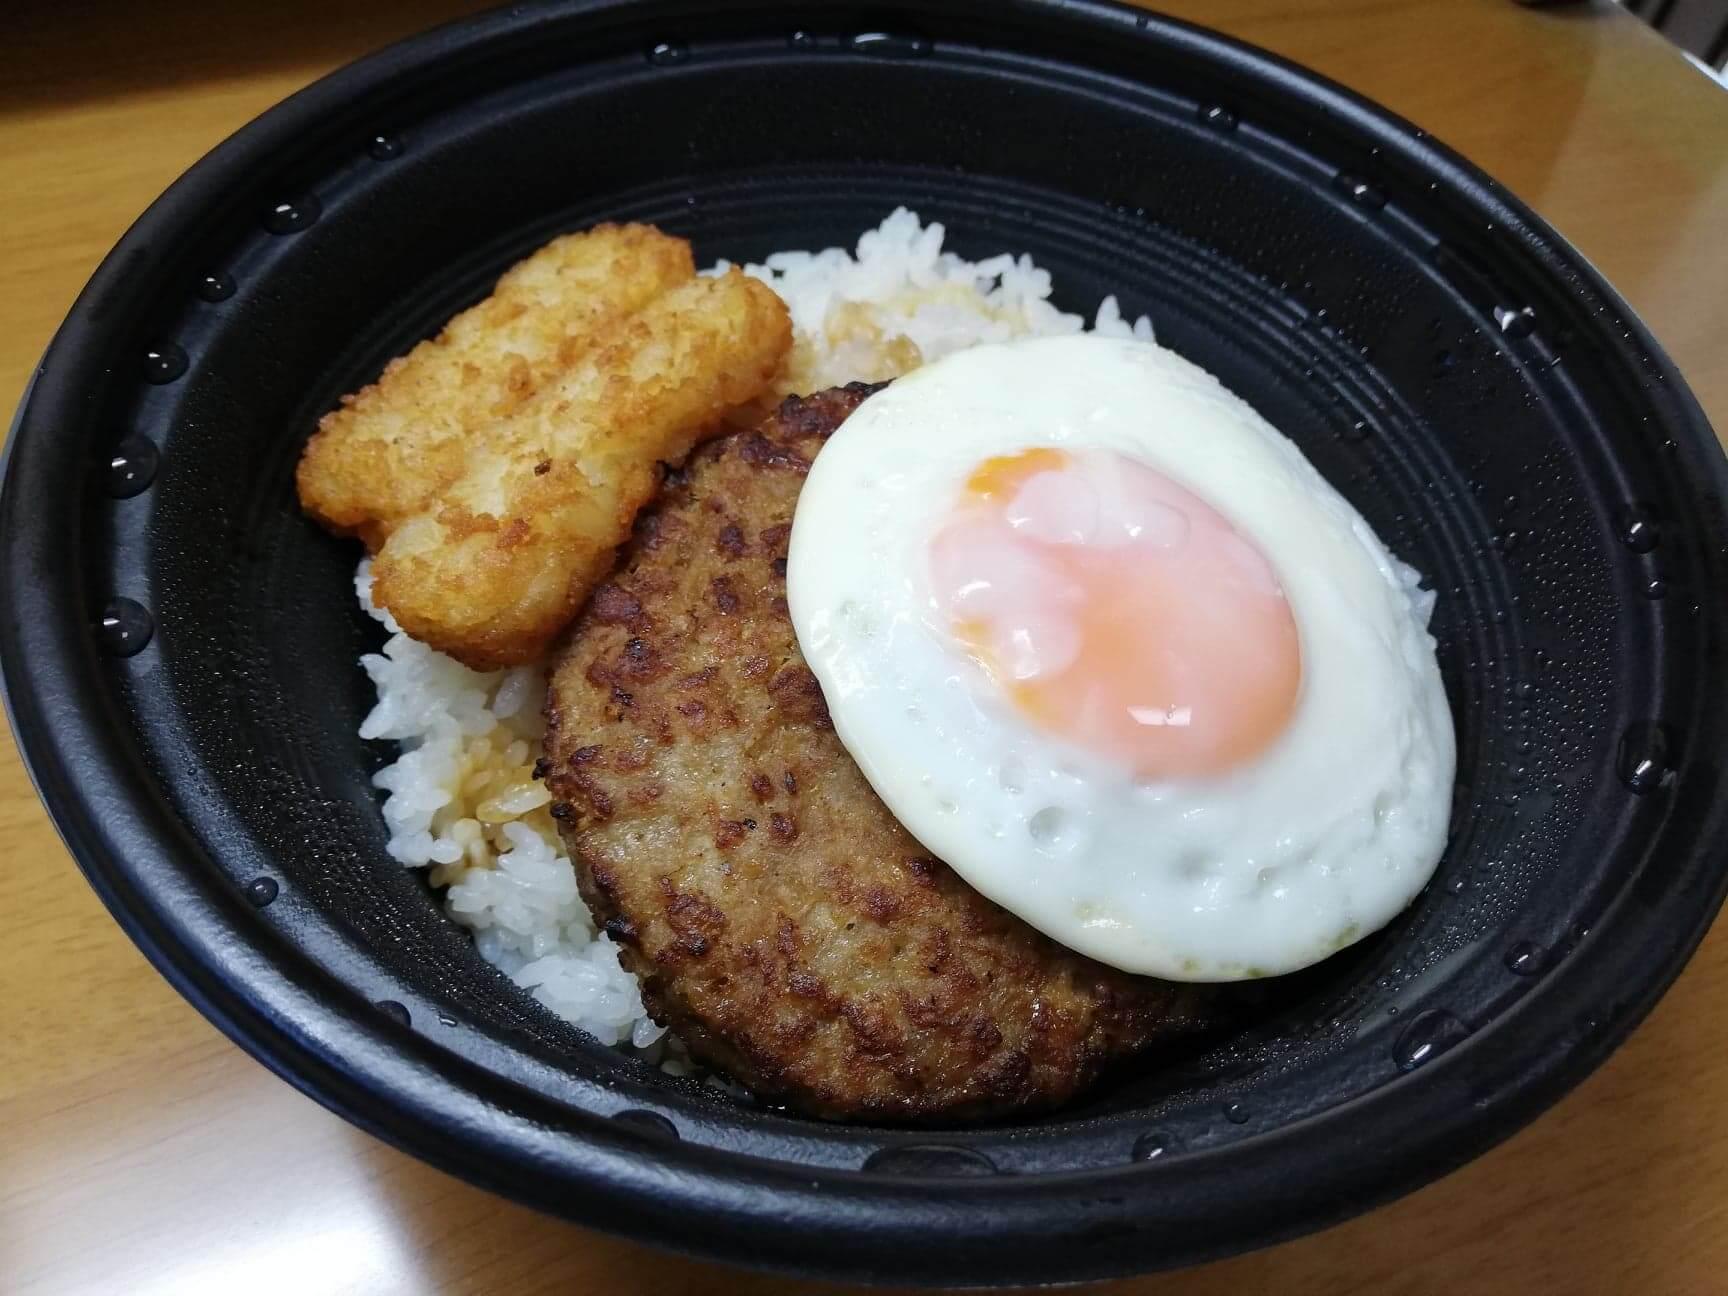 ガストのテイクアウトメニュー『ランチハンバーグロコモコ丼』の写真